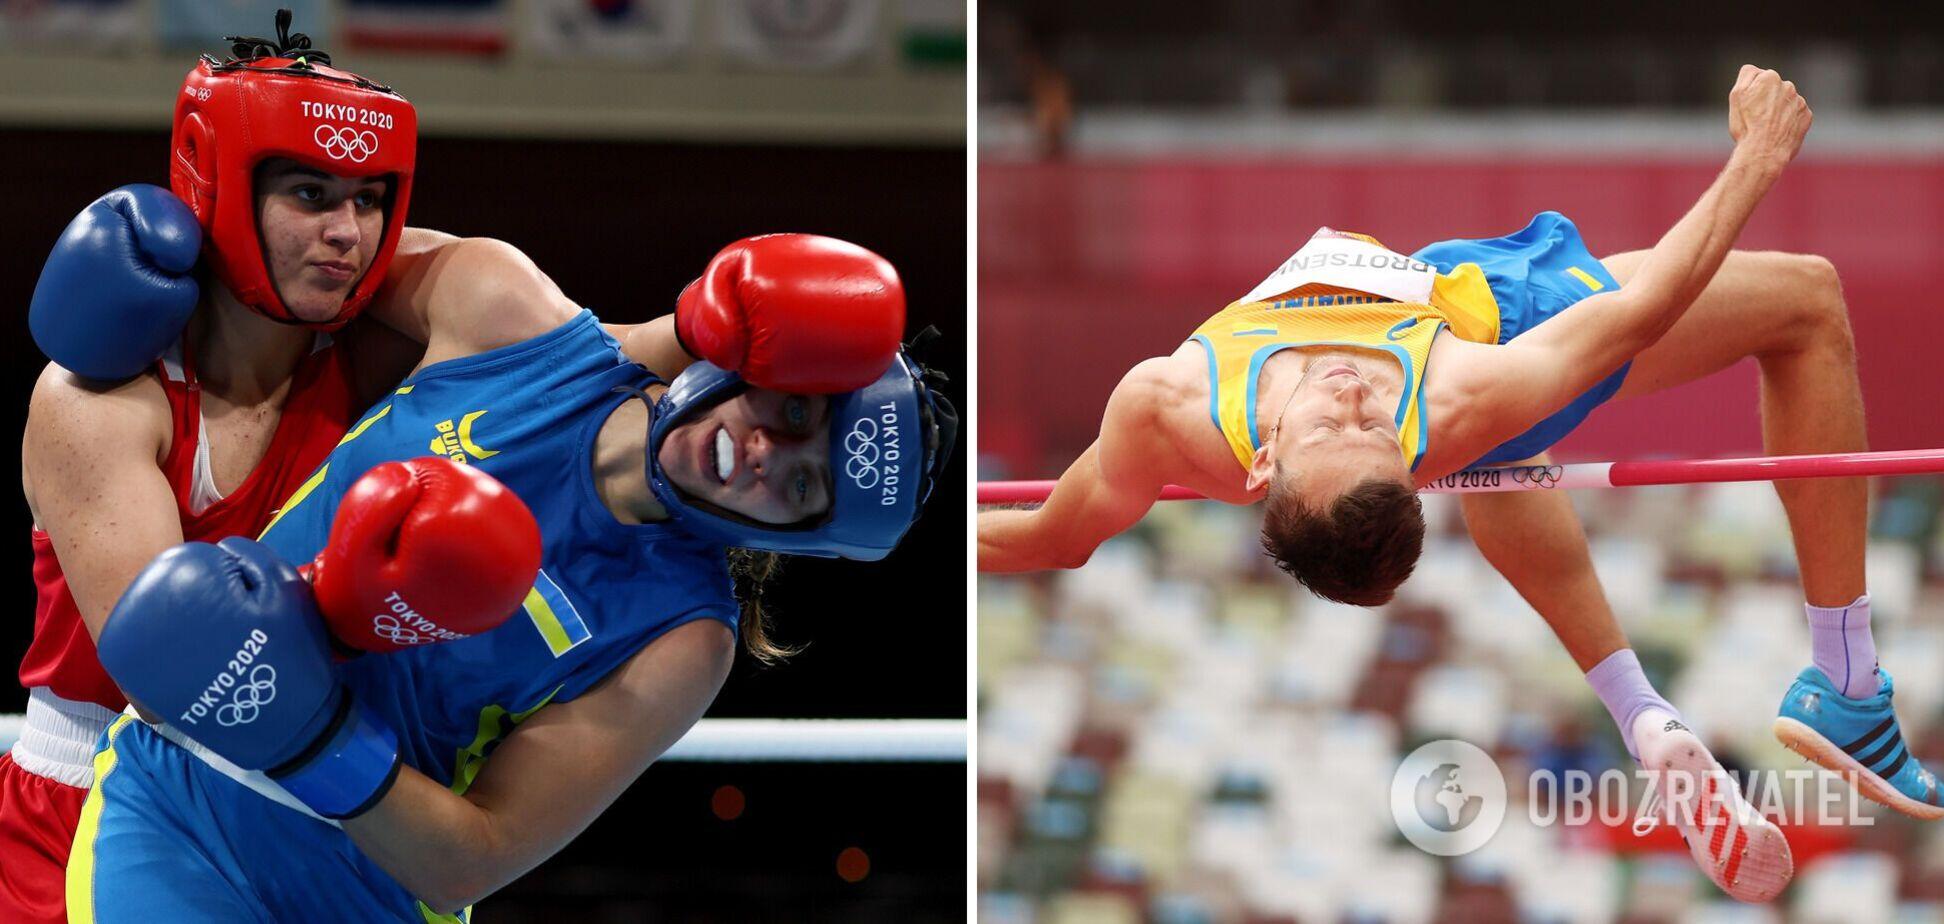 Андрей Проценко не прошел квалификацию, а Анна Лысенко проиграла чемпионке мира